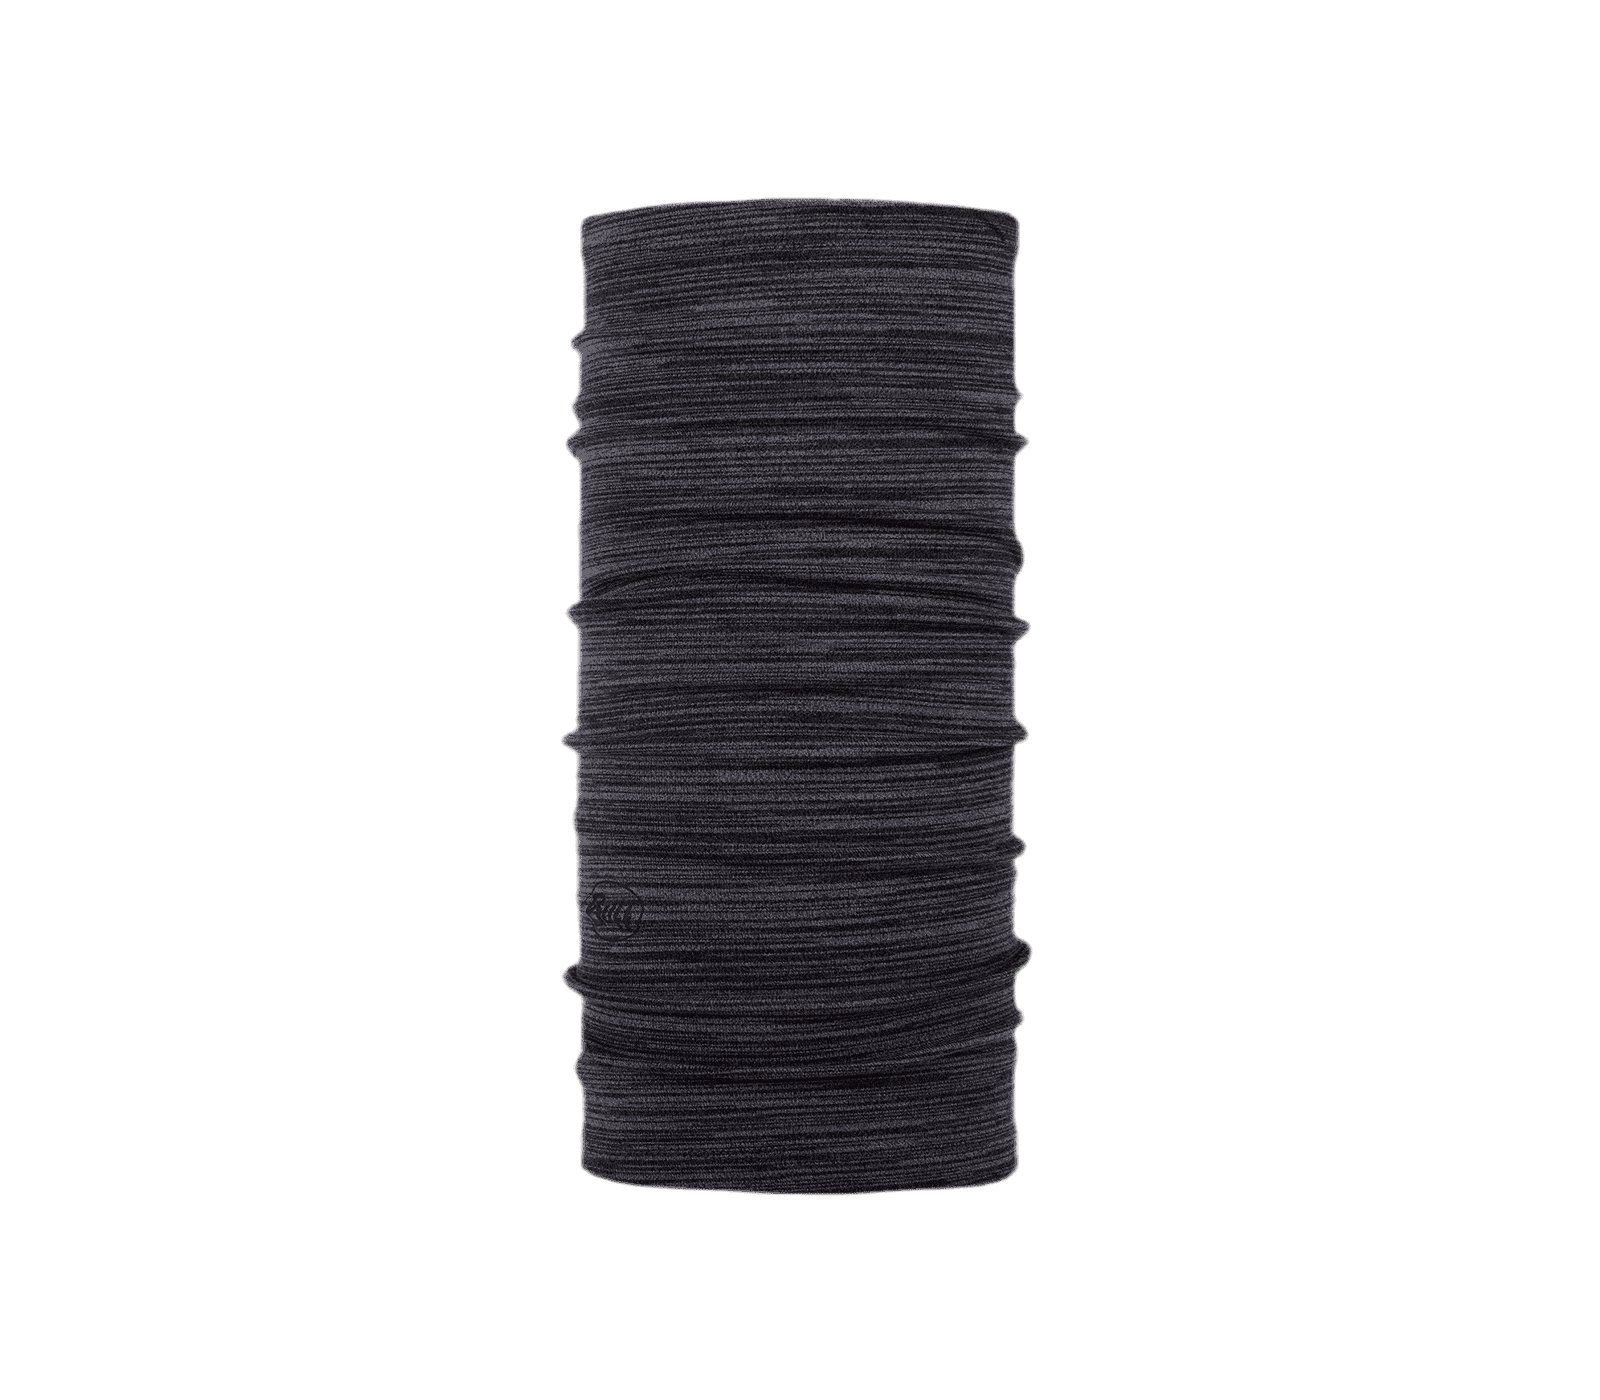 Midweight merino wool